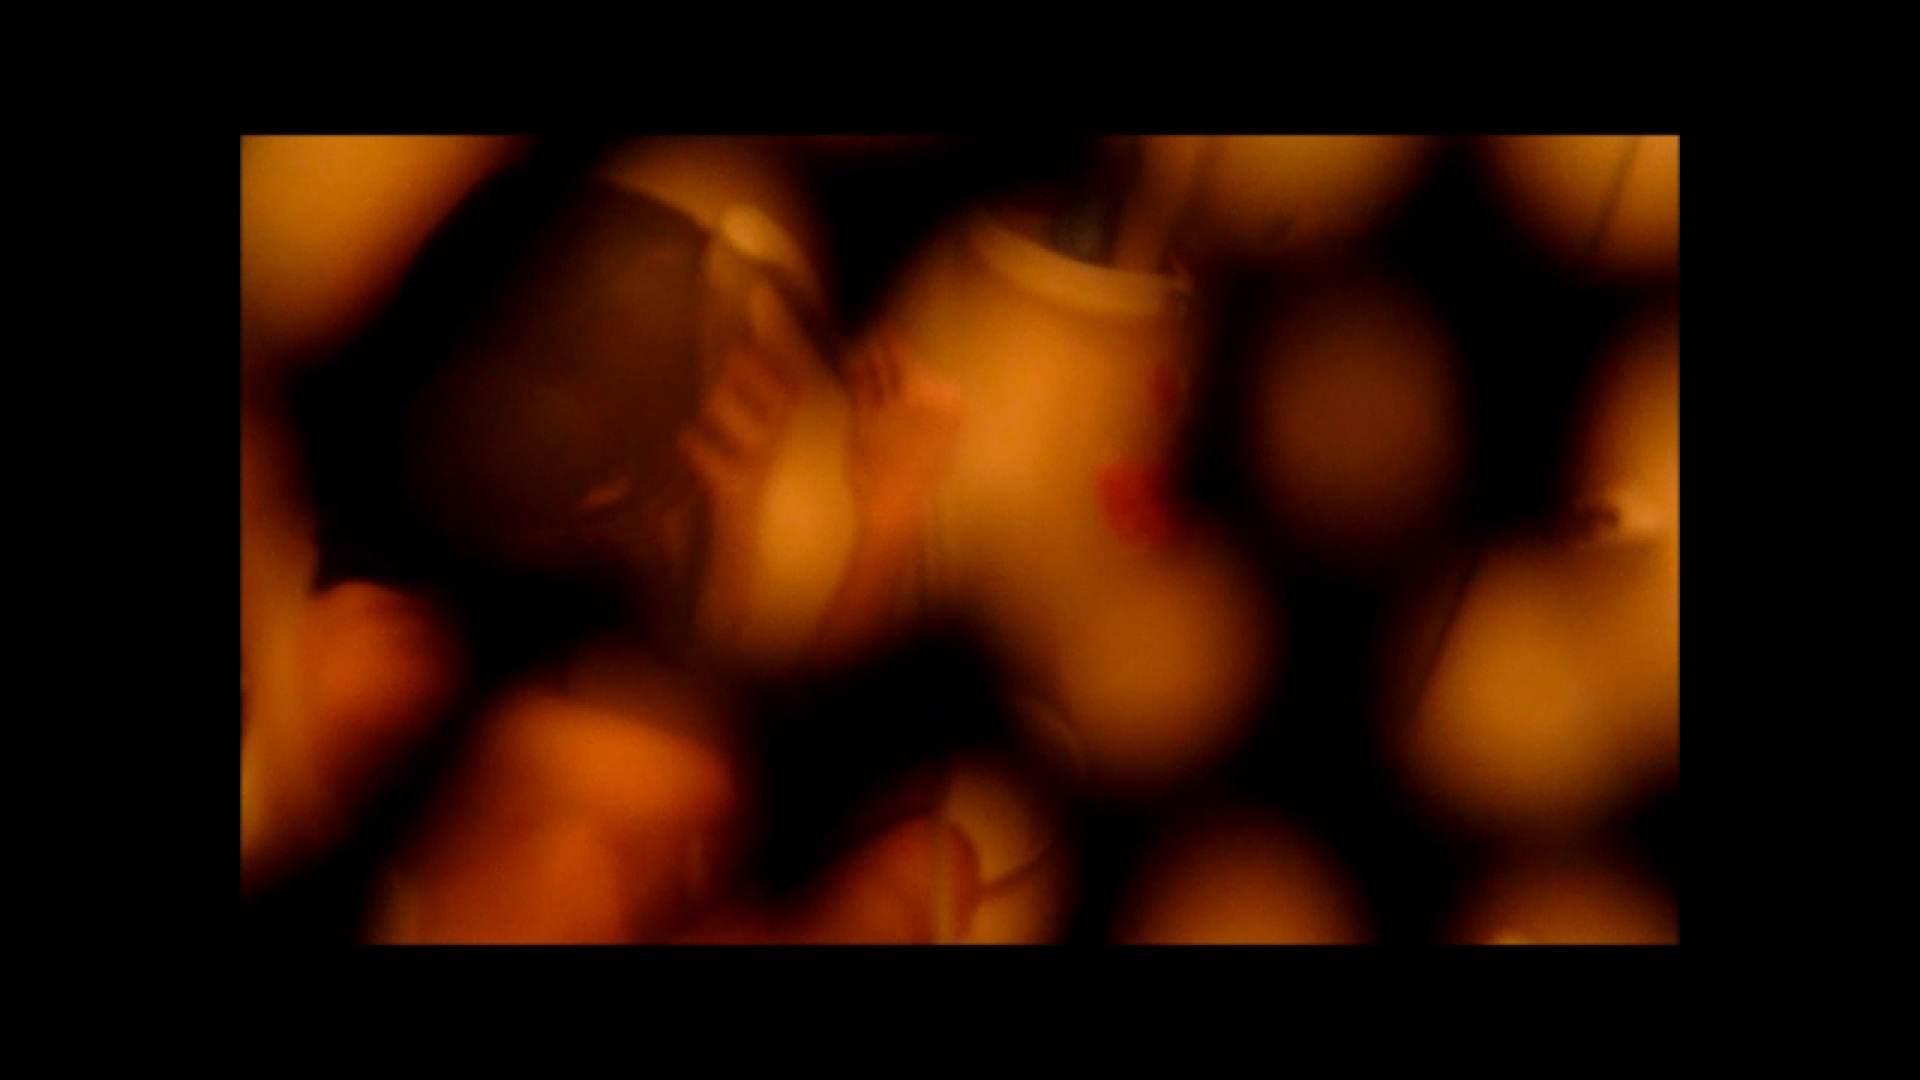 【02】ベランダに侵入して張り込みを始めて・・・やっと結果が出ました。 マンコ特集 | オマンコ丸見え  25連発 22